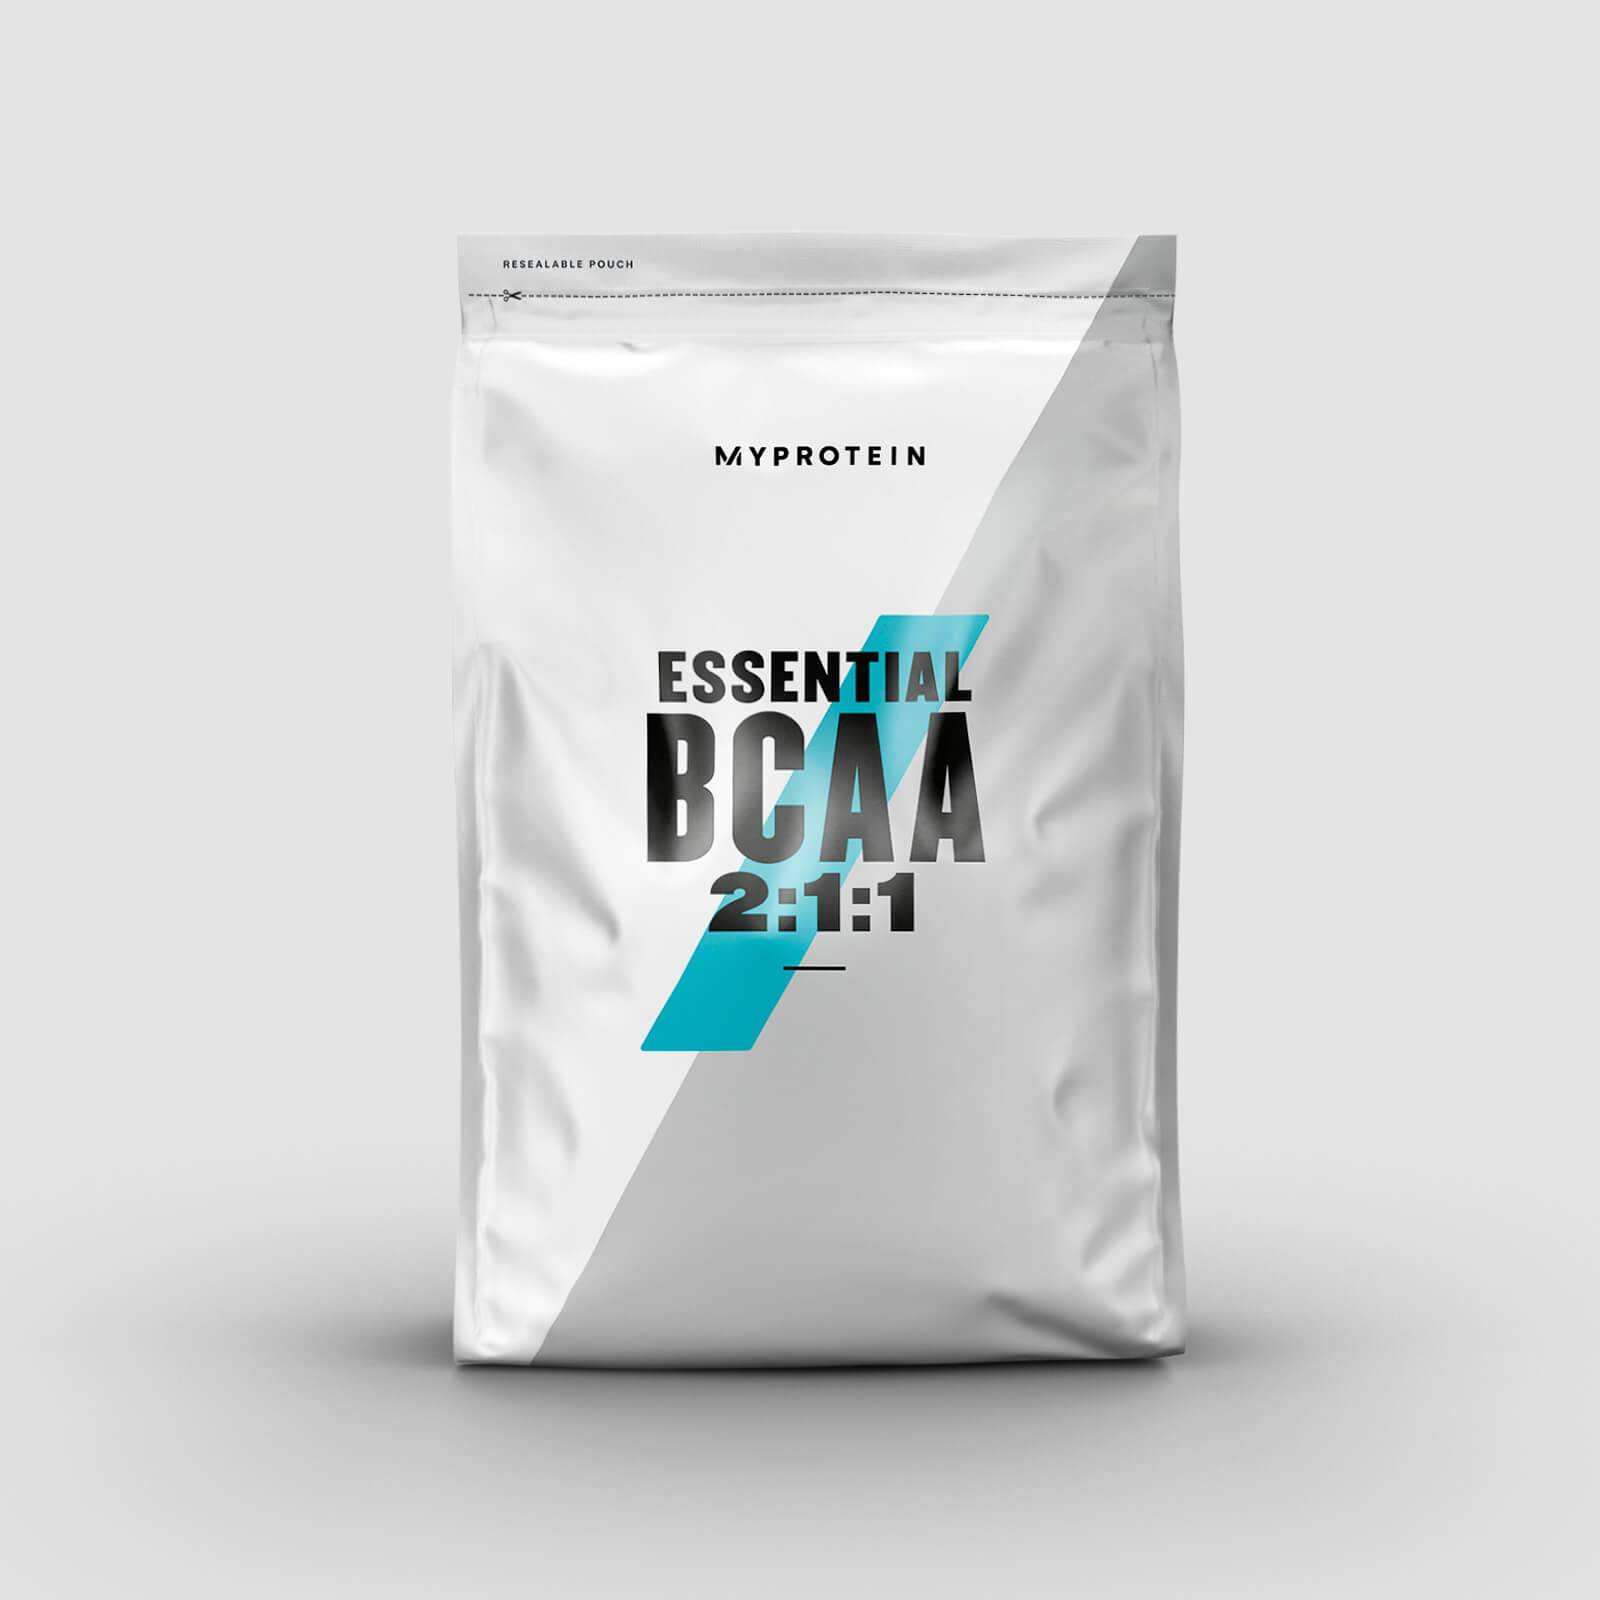 Myprotein Essential BCAA 2:1:1 - 250g - Granatina